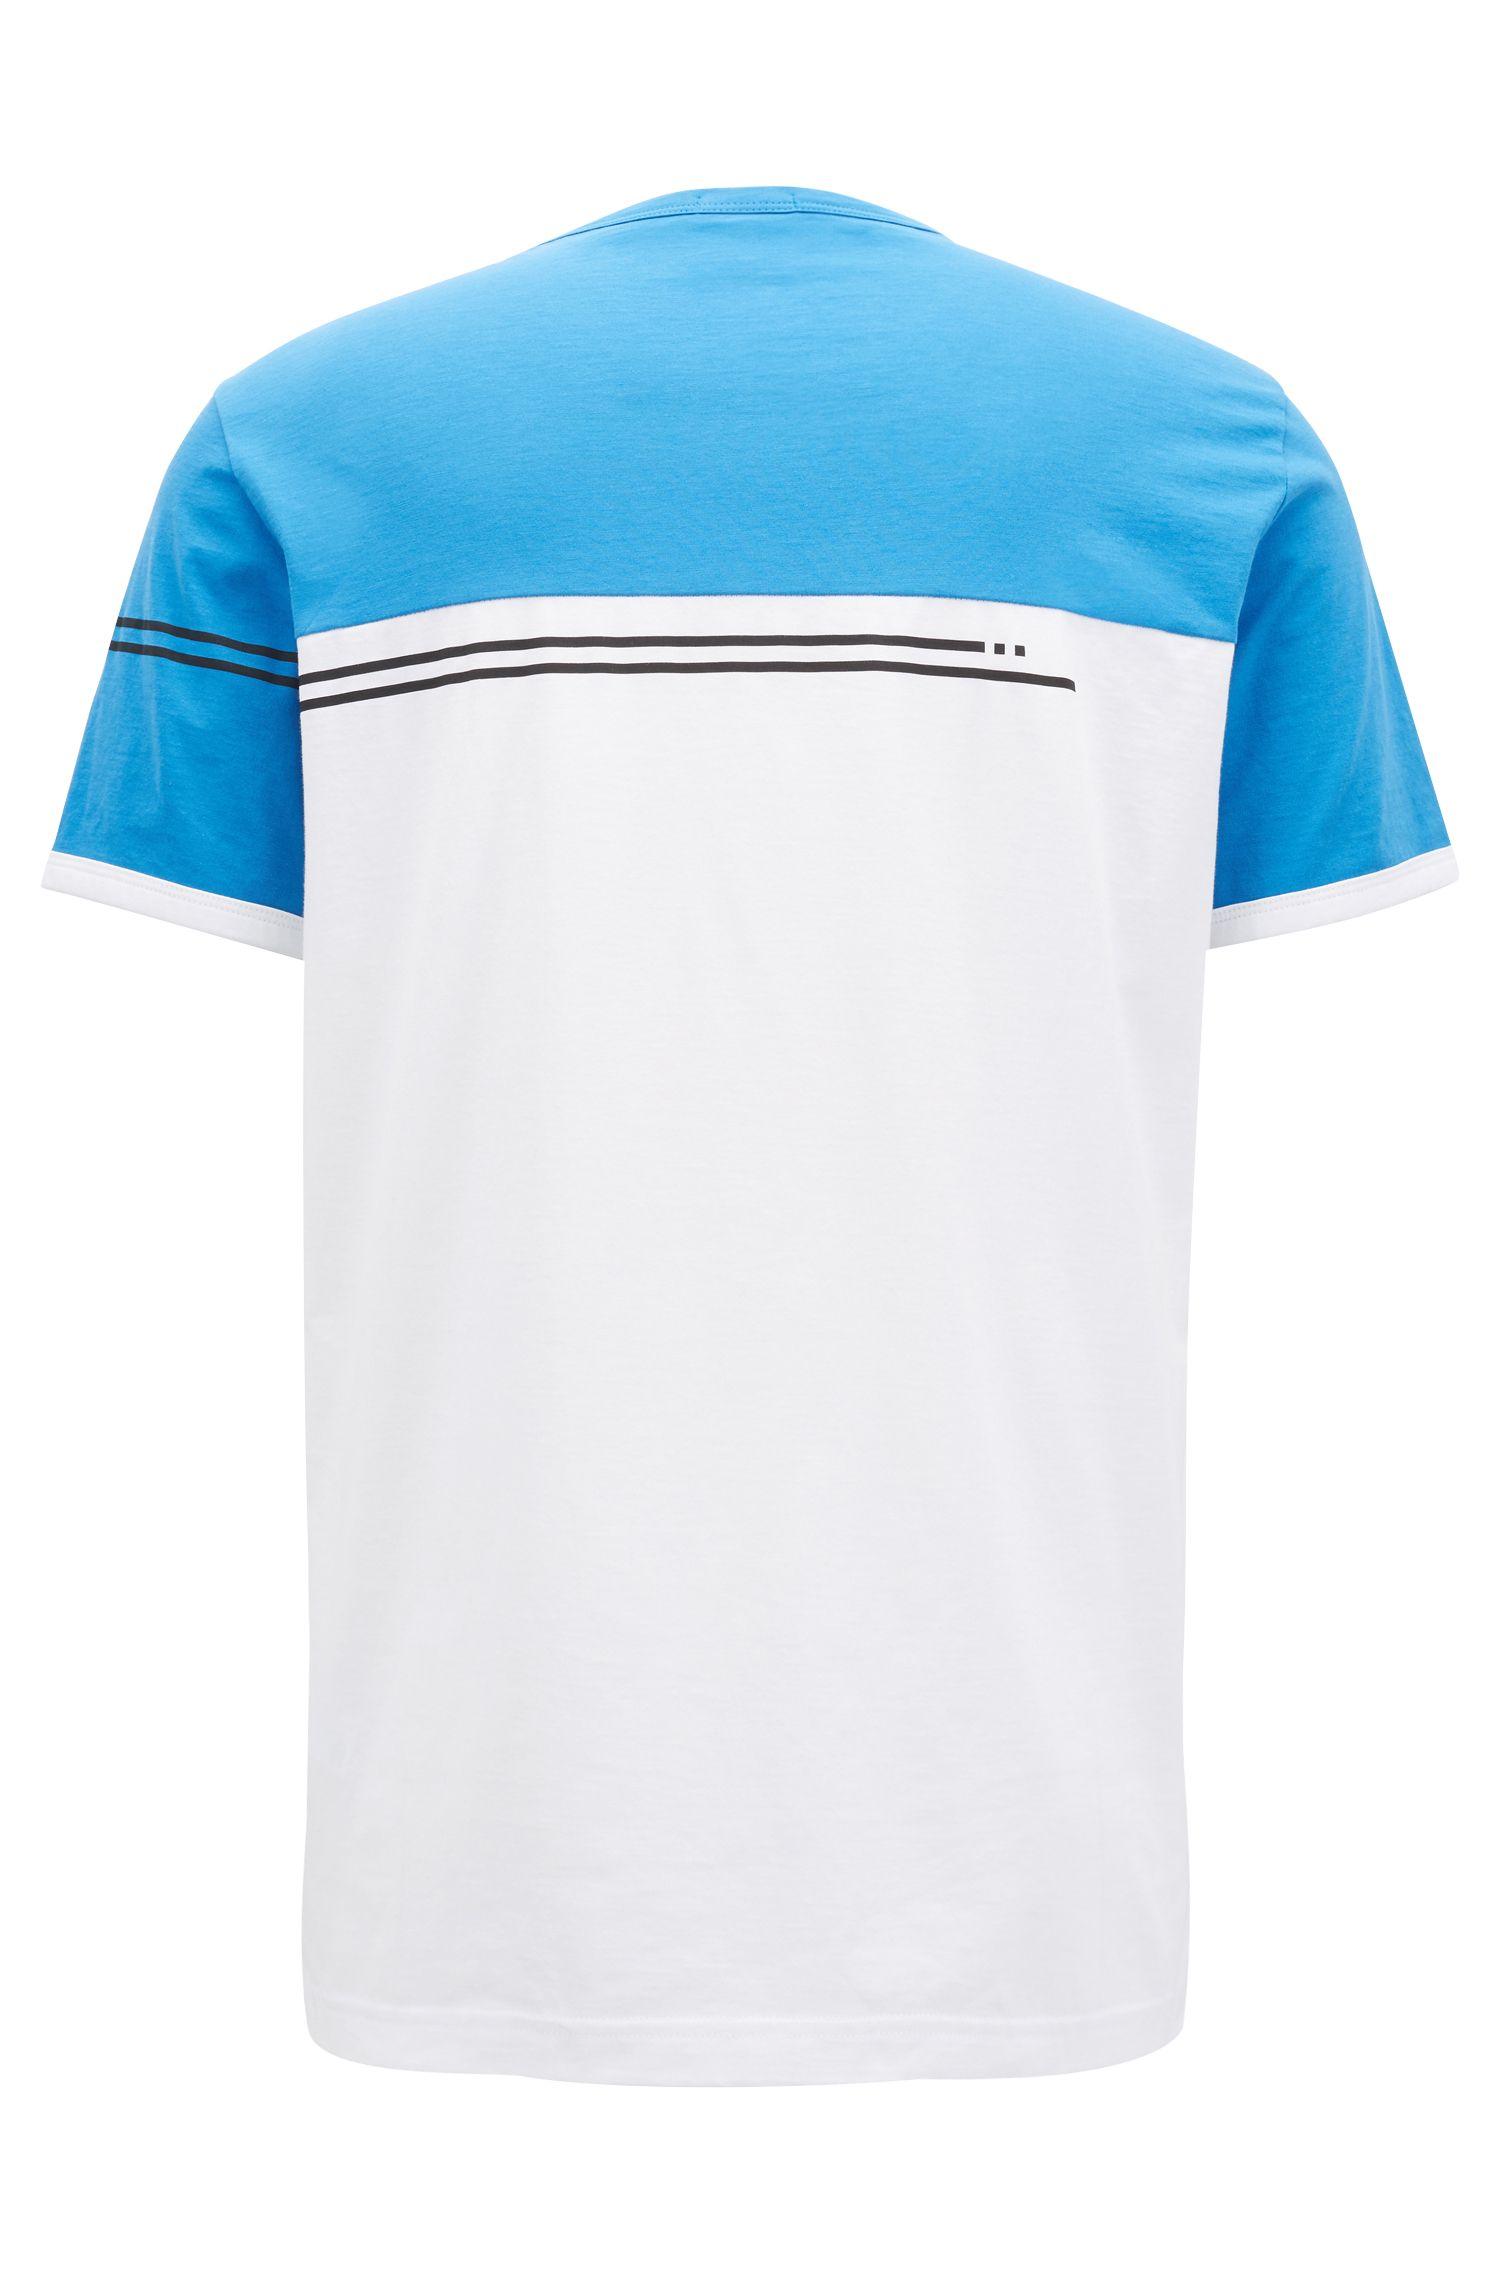 Colour-block cotton T-shirt with logo print, Blue